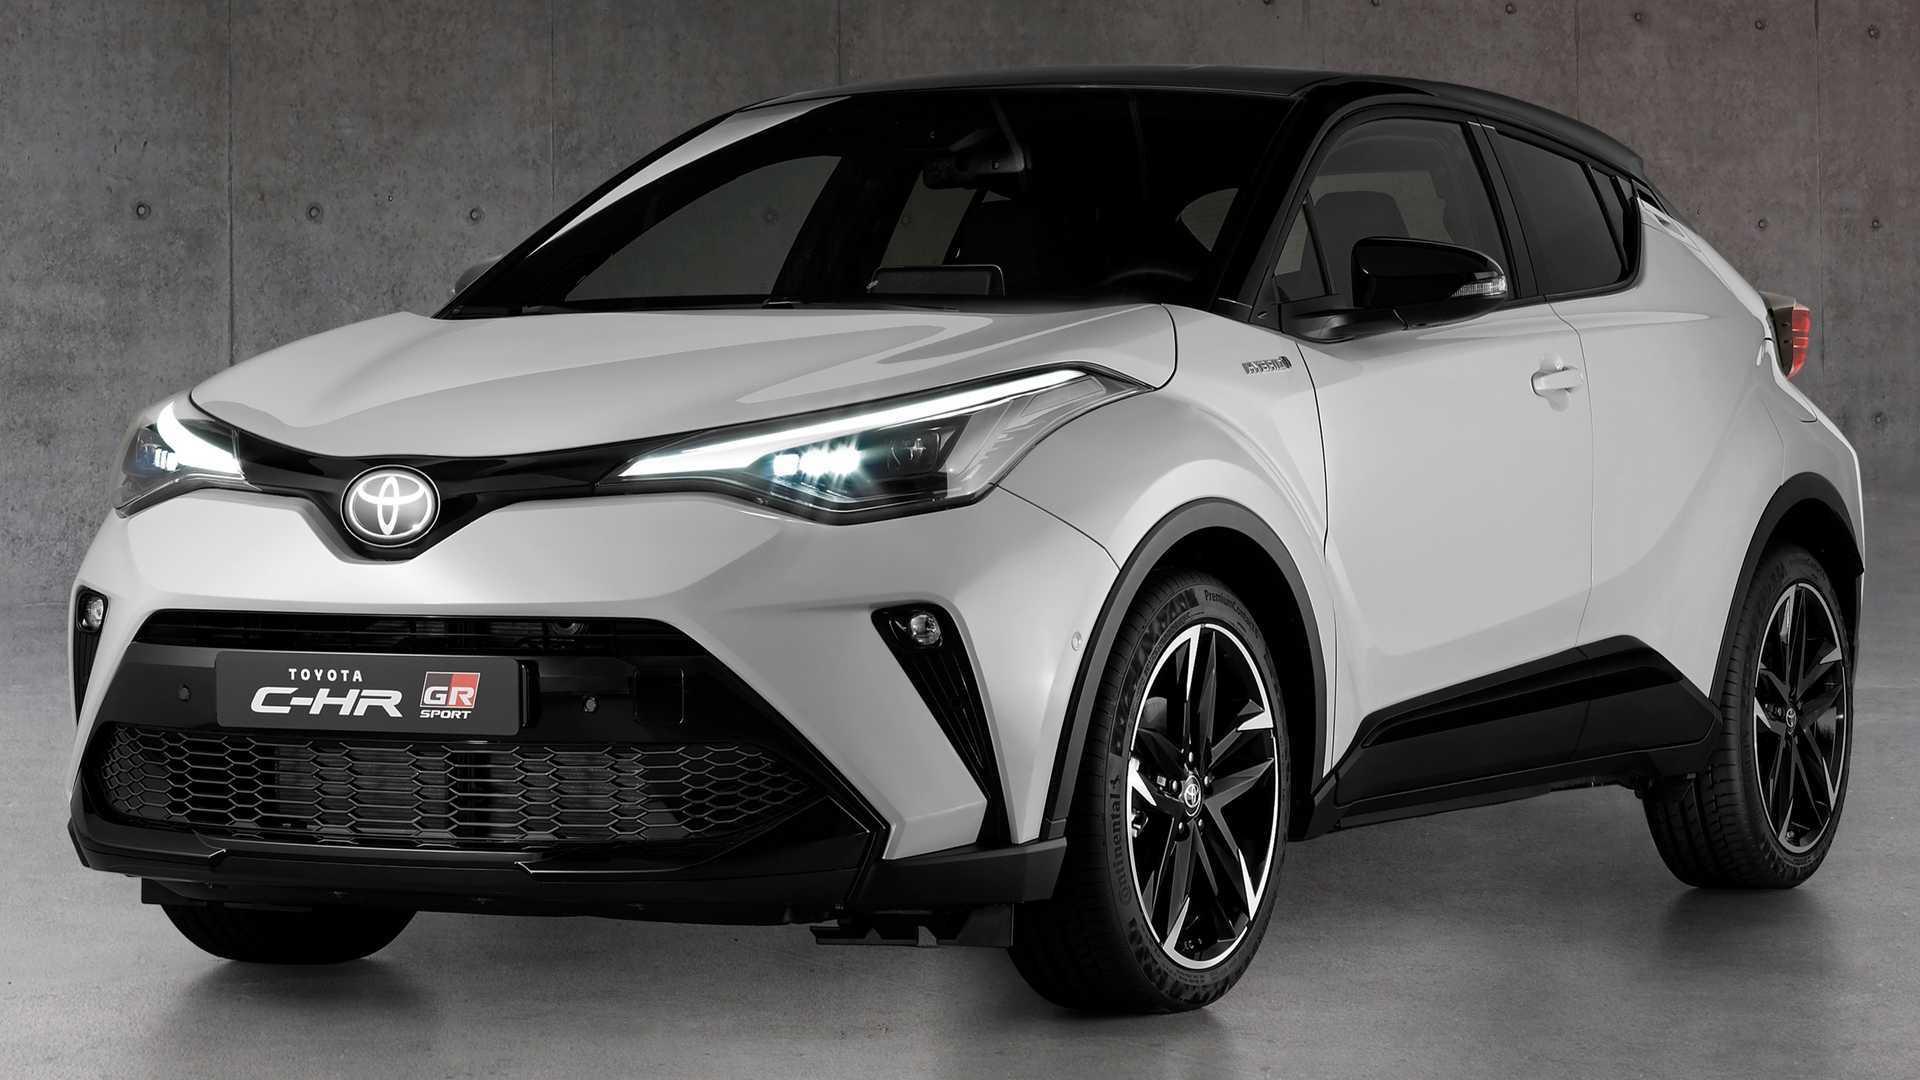 Kekurangan Toyota Chr Top Model Tahun Ini